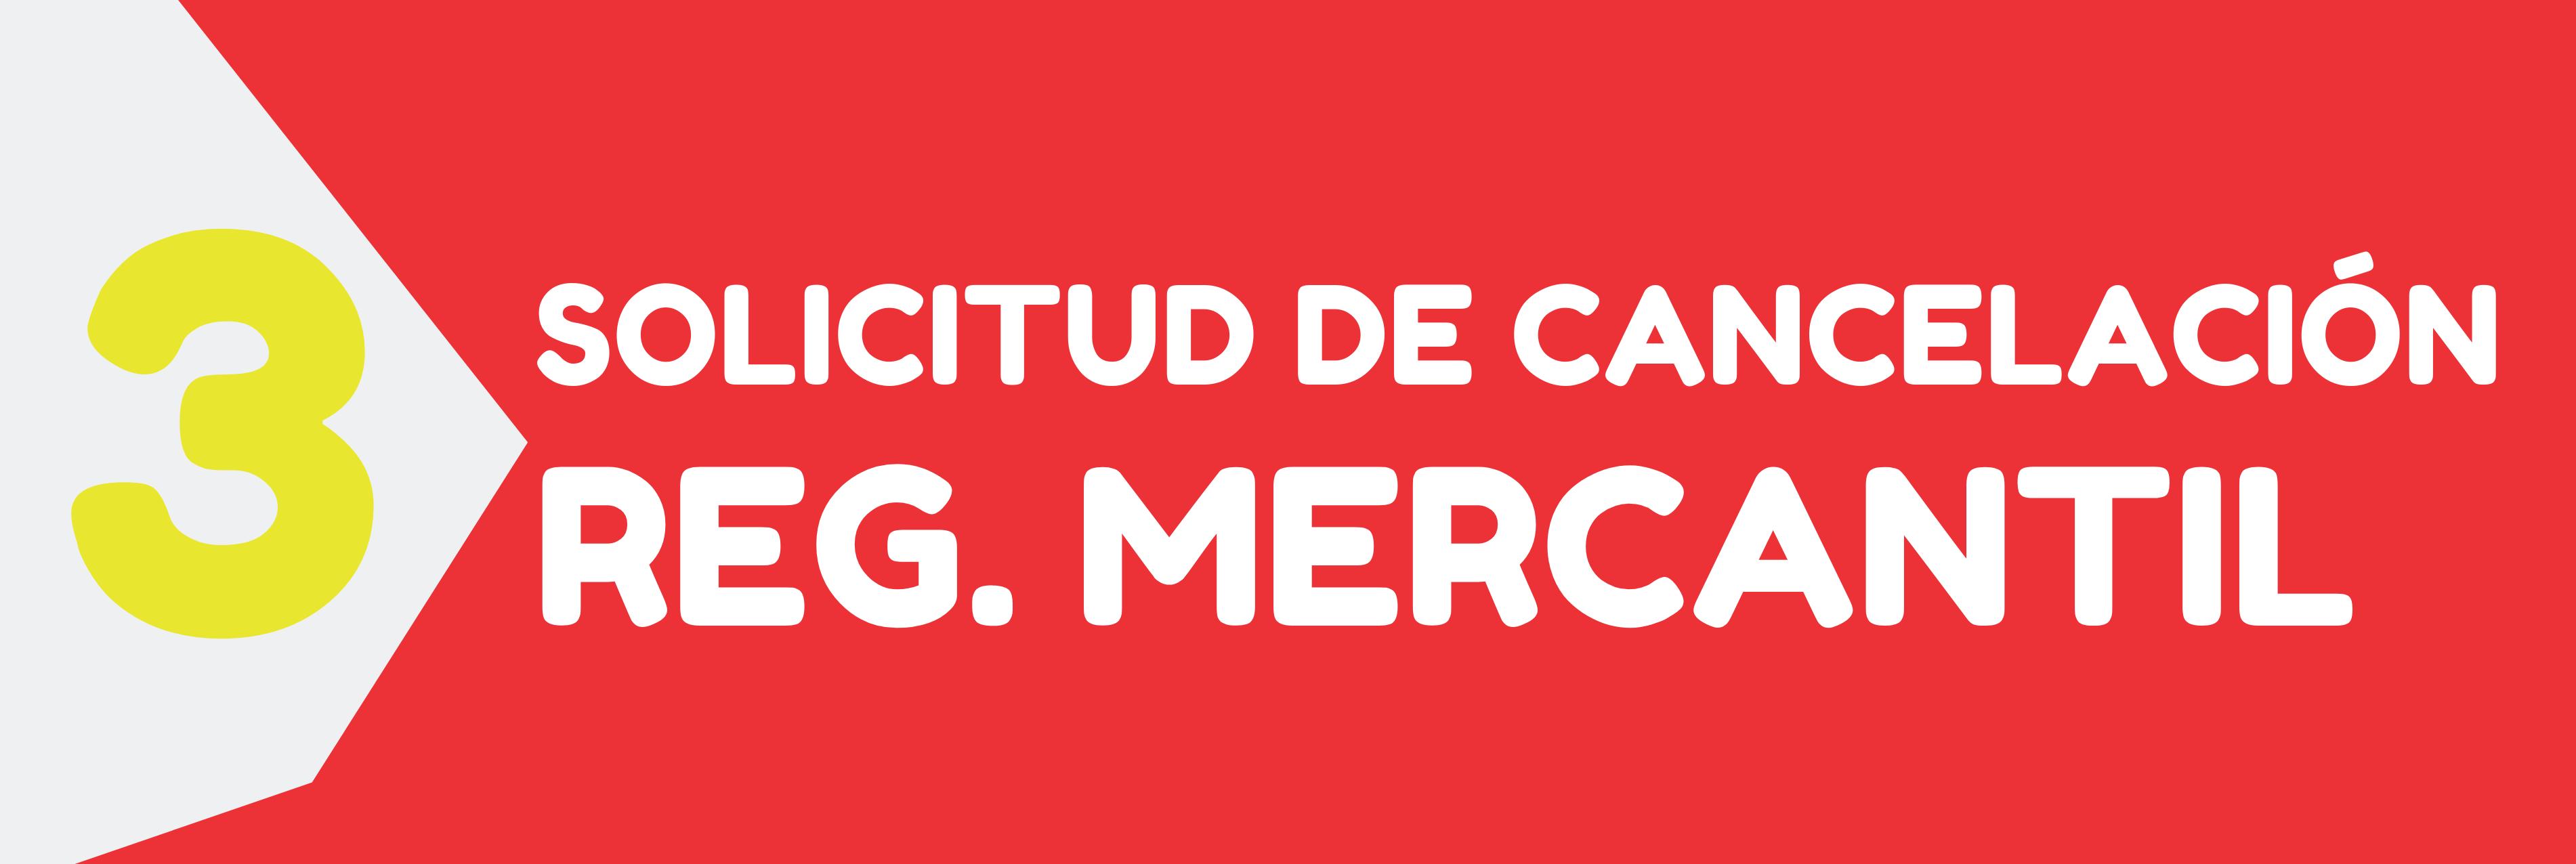 http://ccmagangue.org.co/media/imagenes/serviciosvirtuales/solicituddecancelacionregmercantil